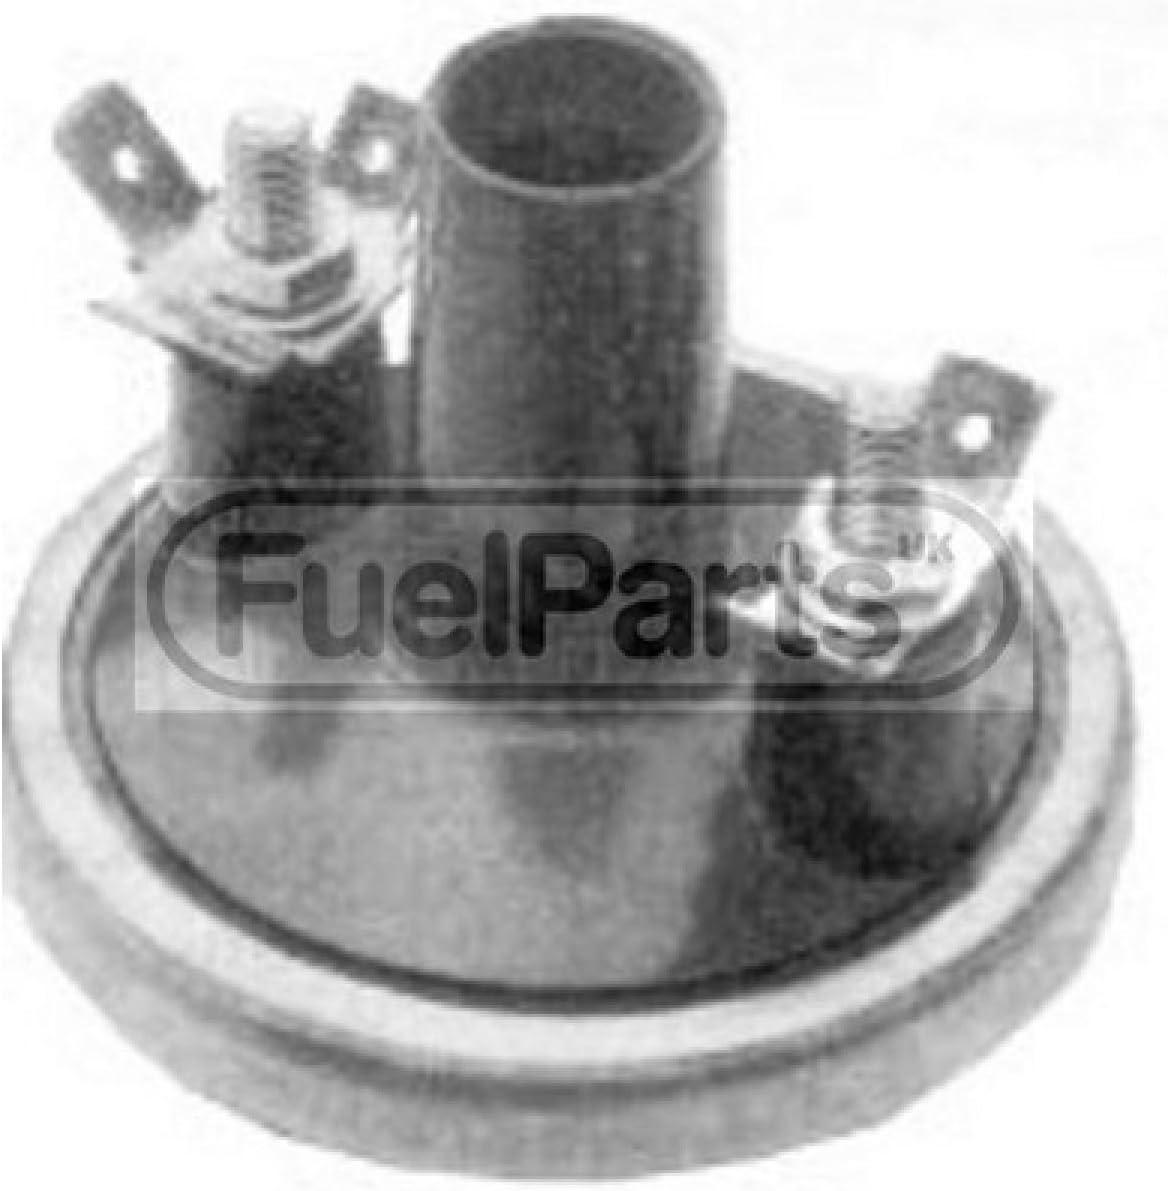 Fuel Parts CU1315 Ignition Coil